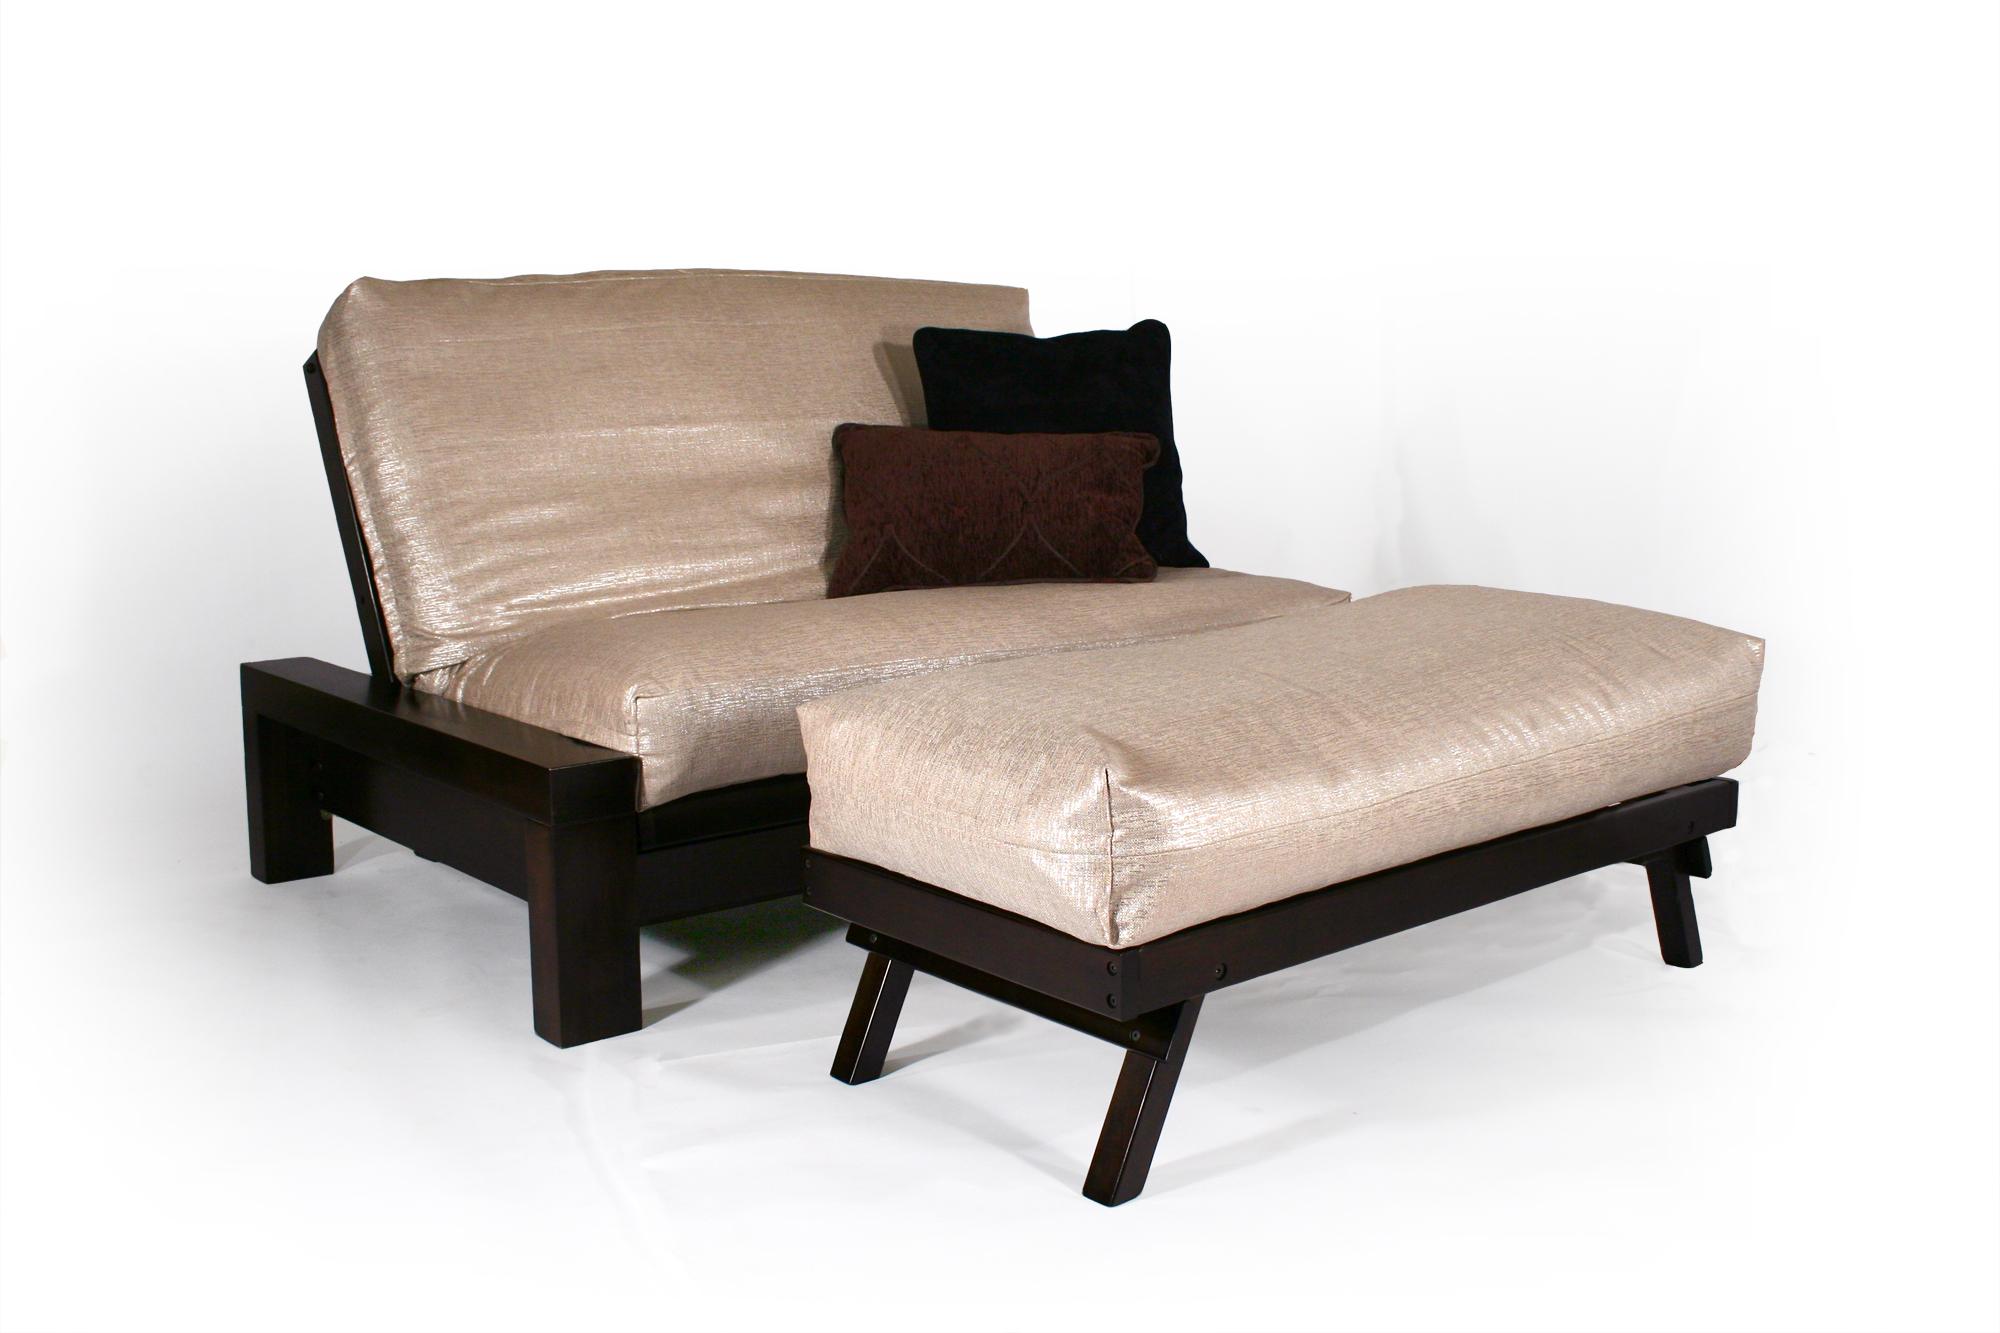 futon with ottoman